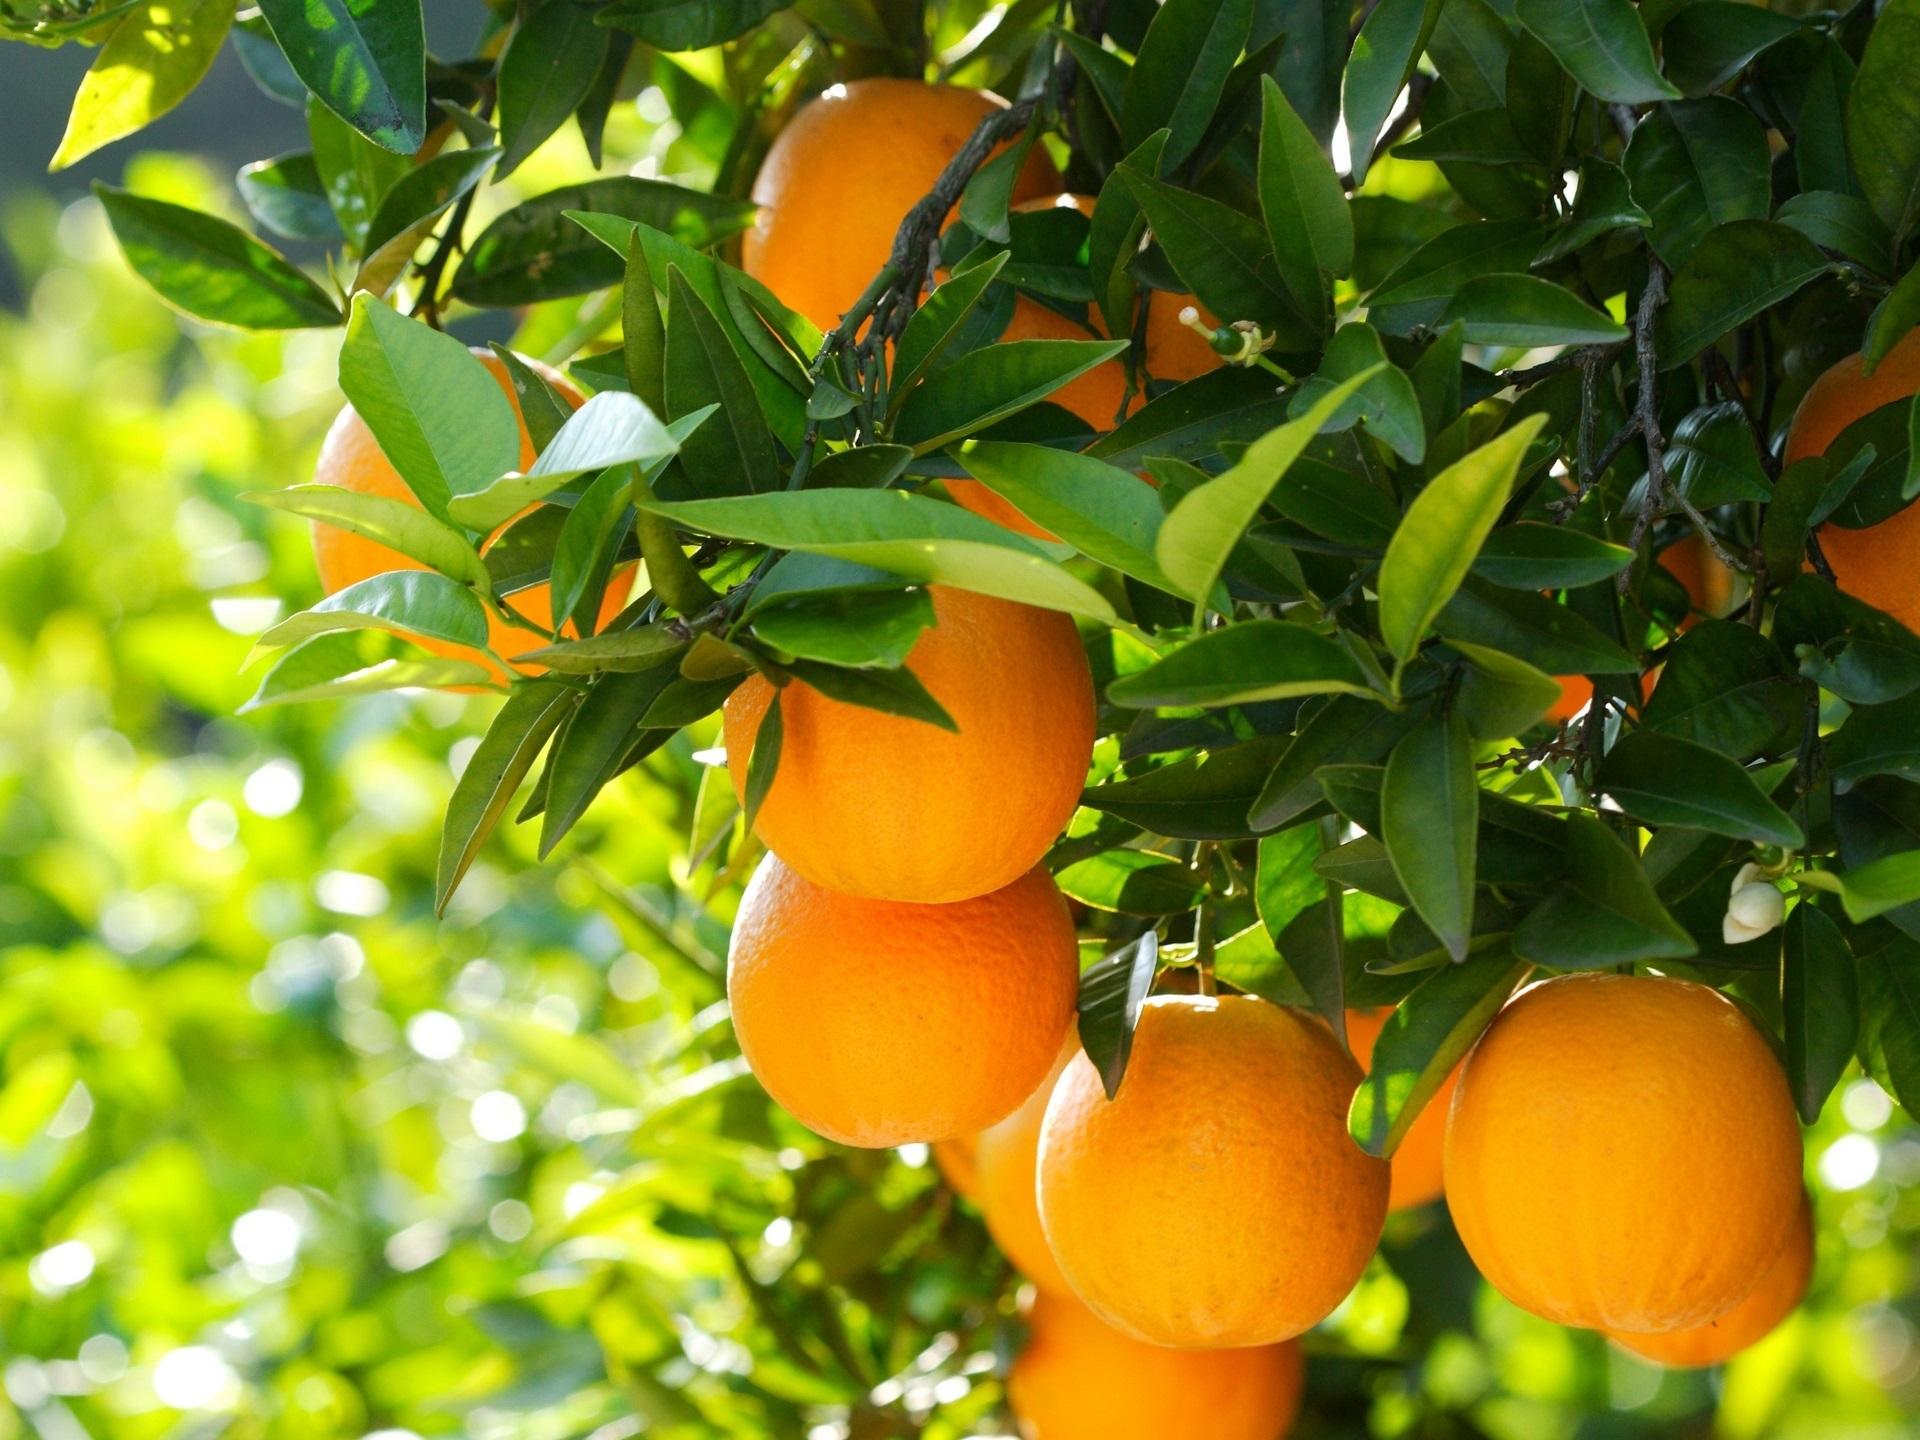 Обои для рабочего стола апельсины и мандарины